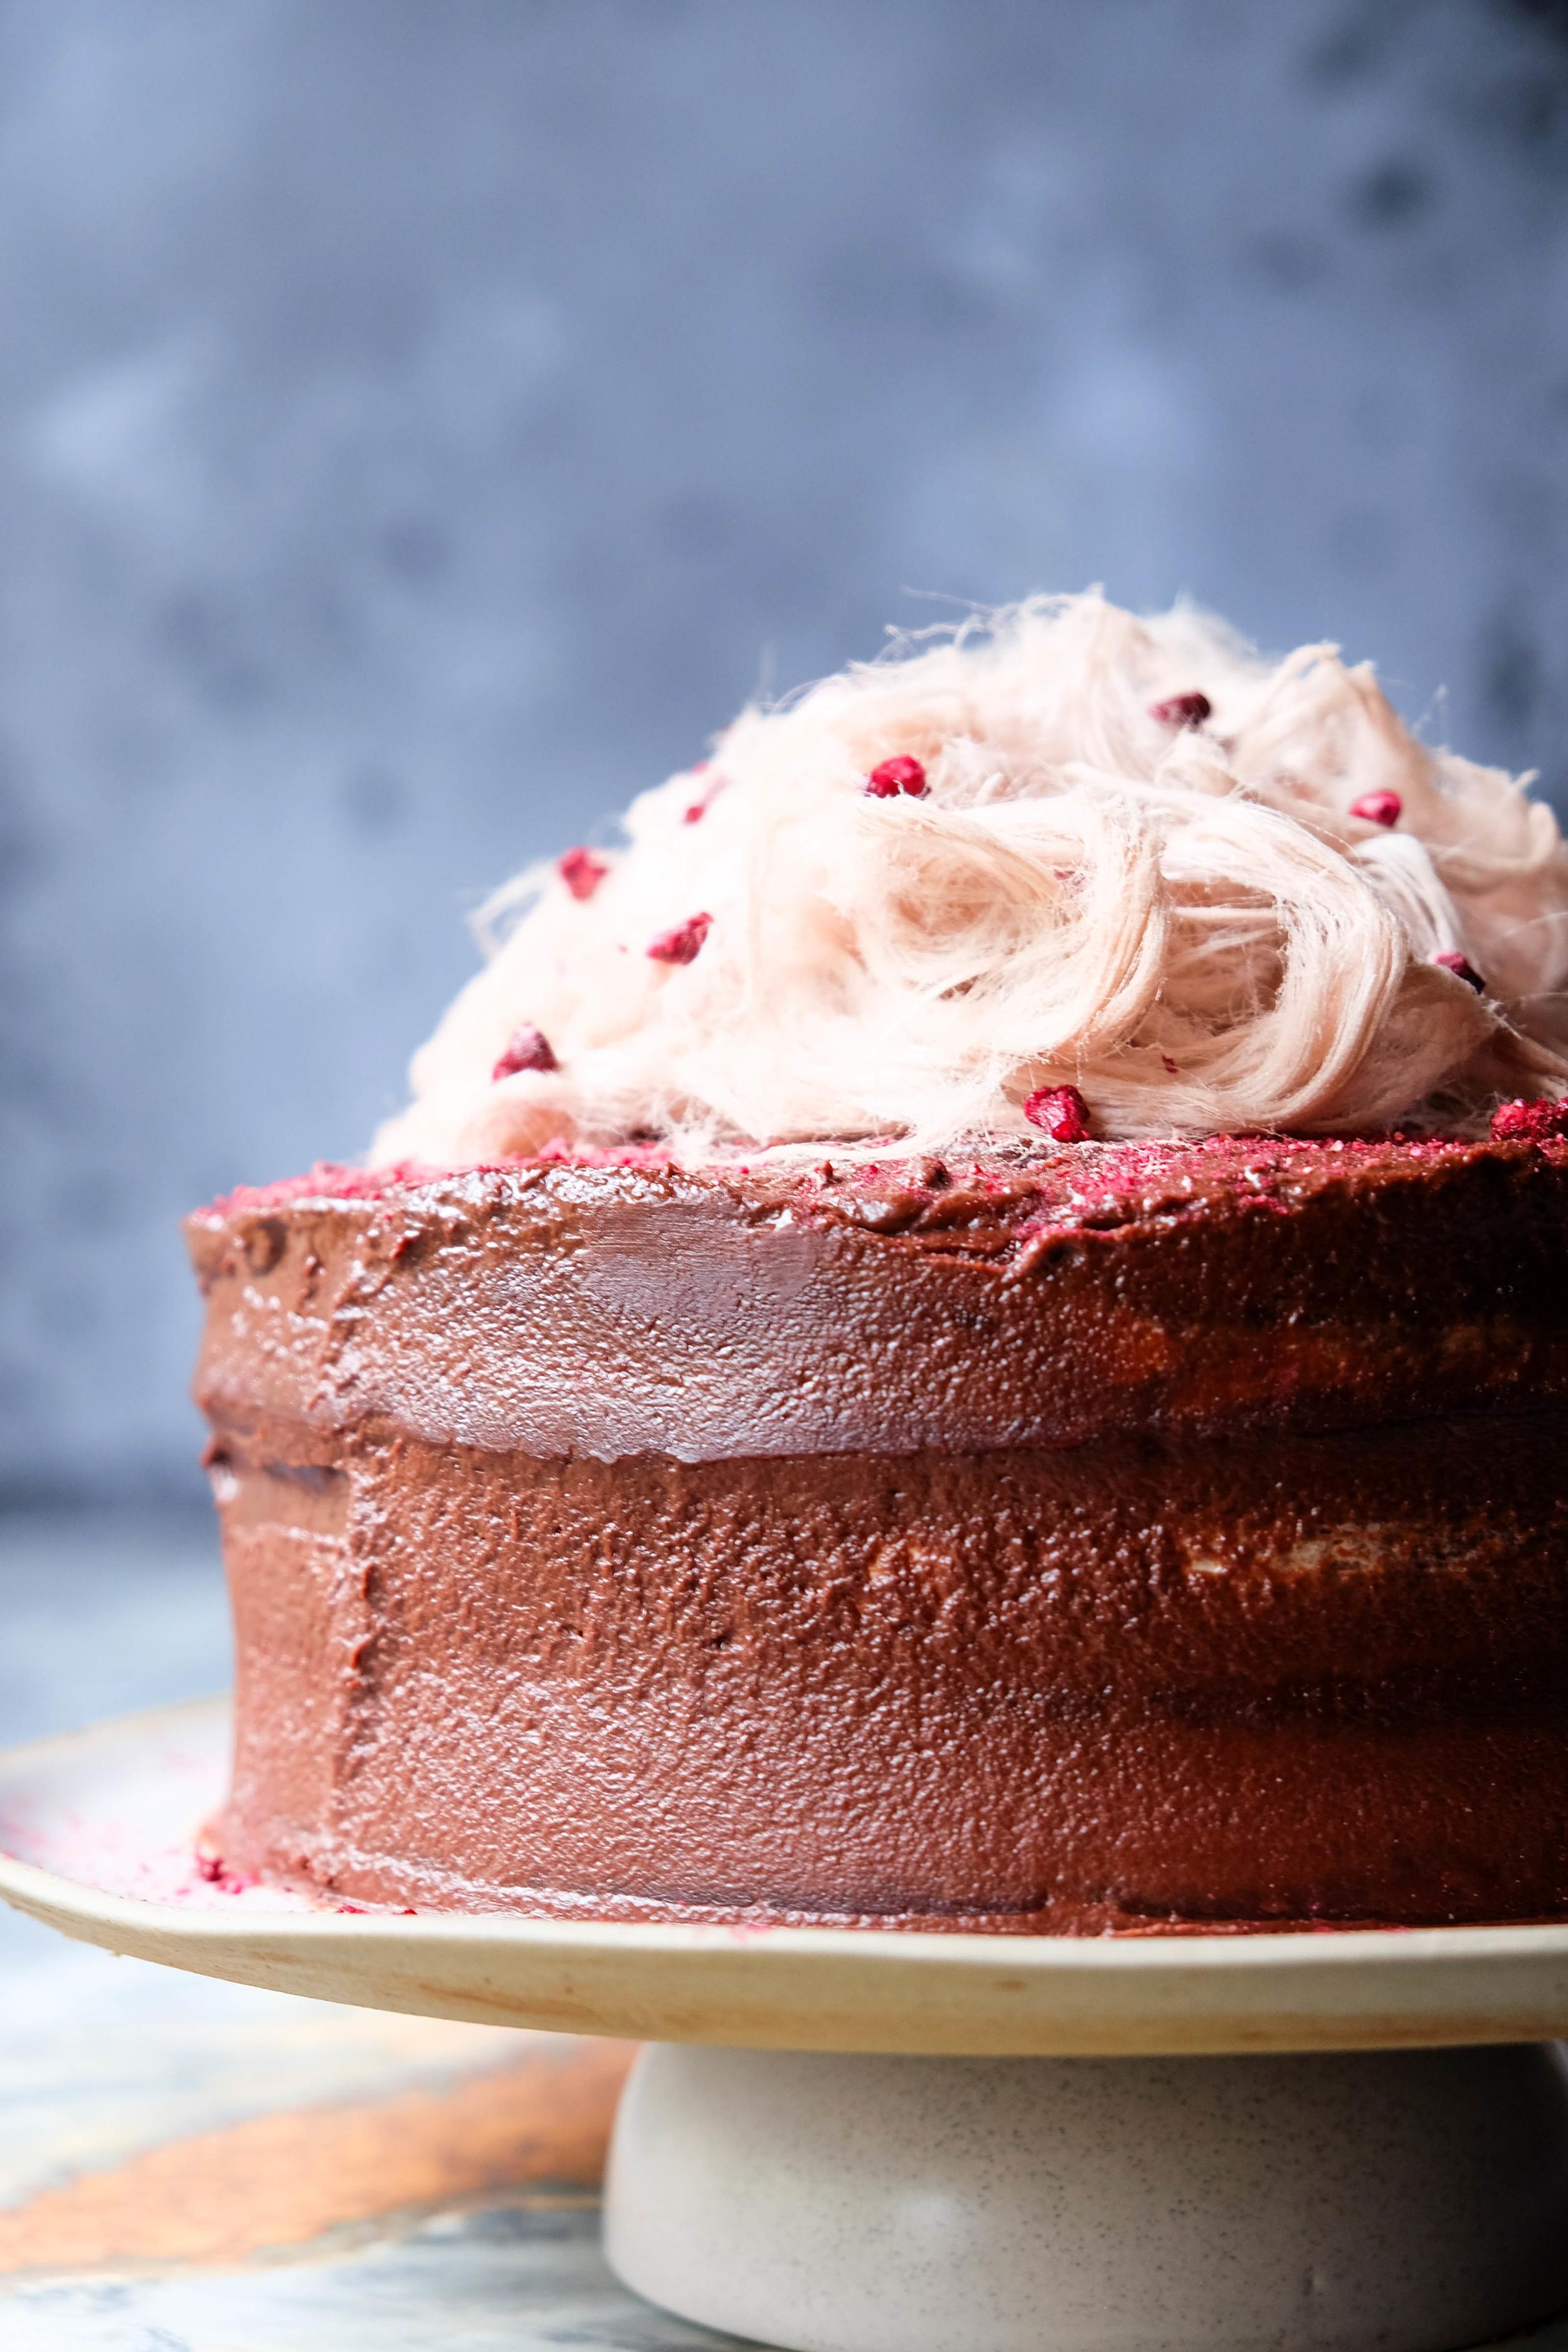 Dark chocolate pomegranate fudge cake